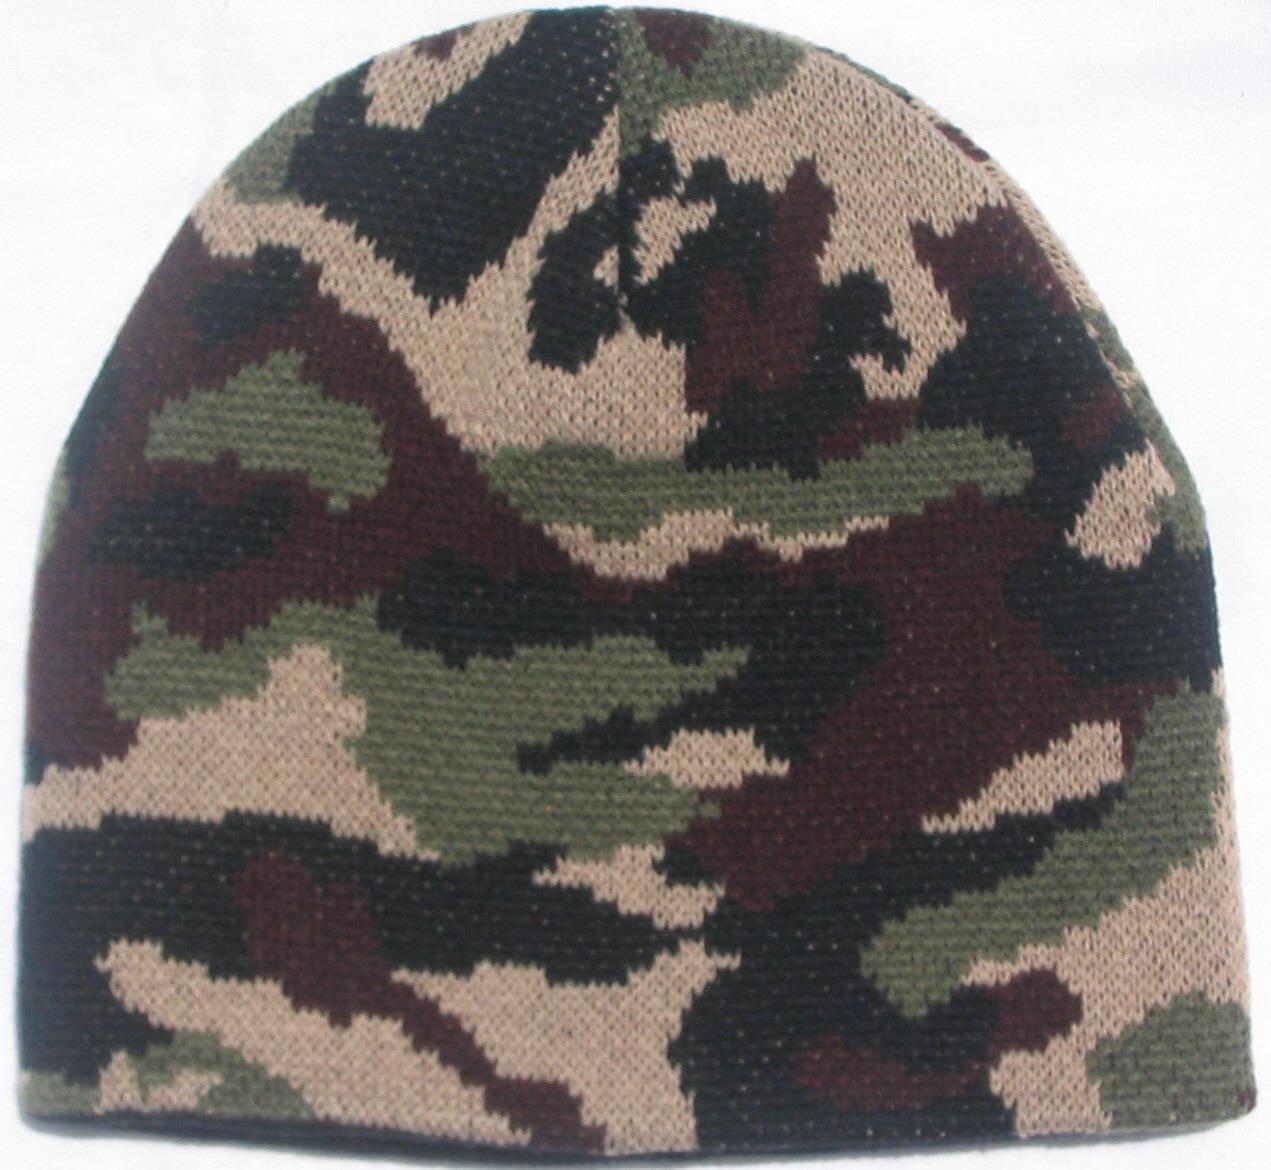 Knit Hats & Caps